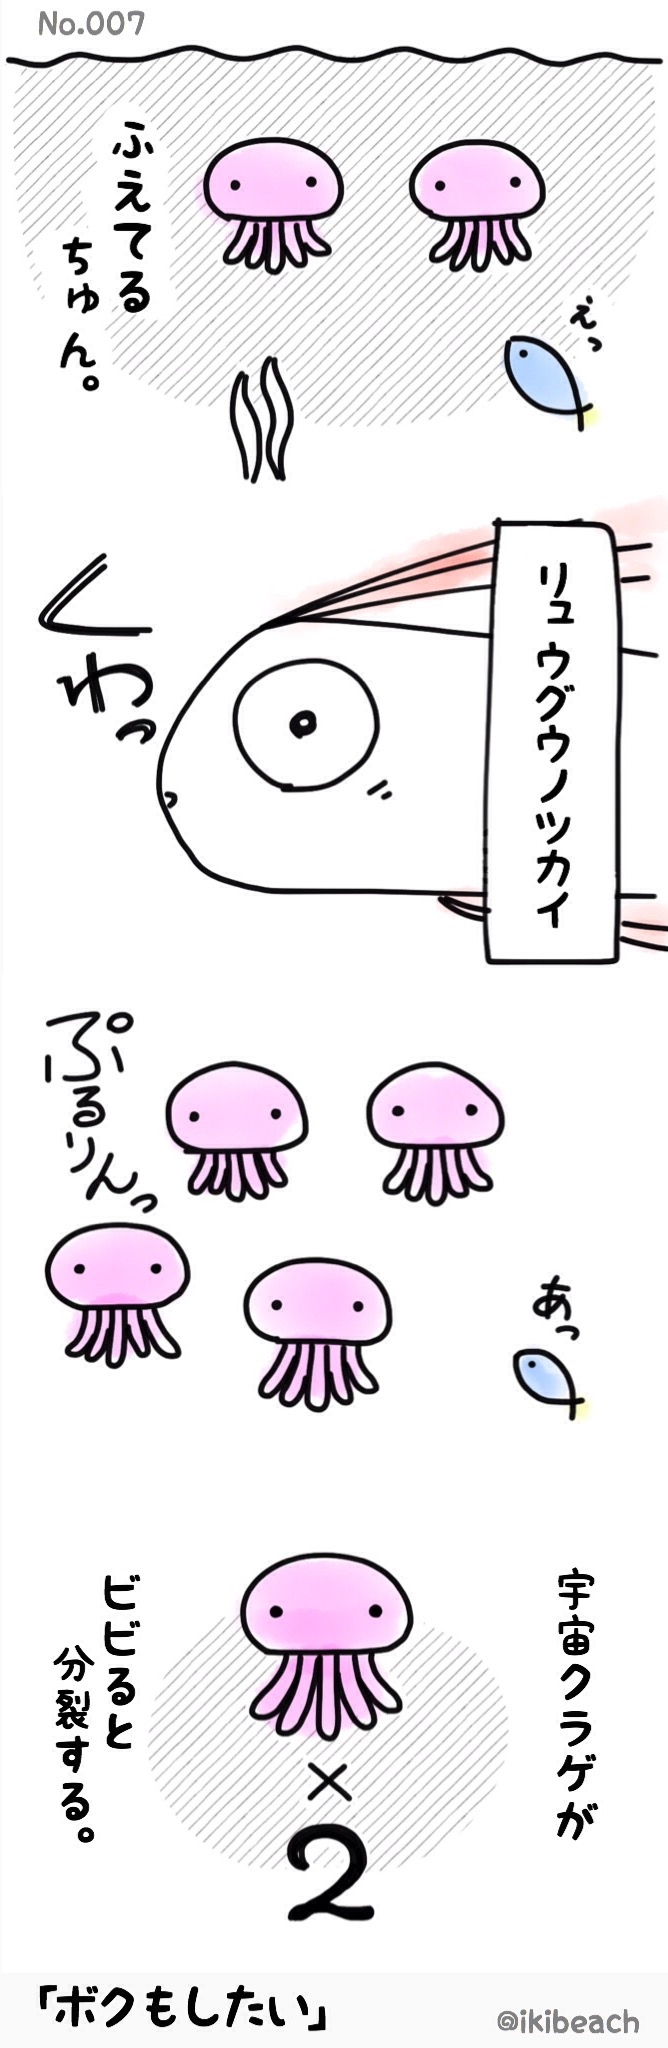 コバルト漫画「お魚だもの。」No.007『ボクもしたい』